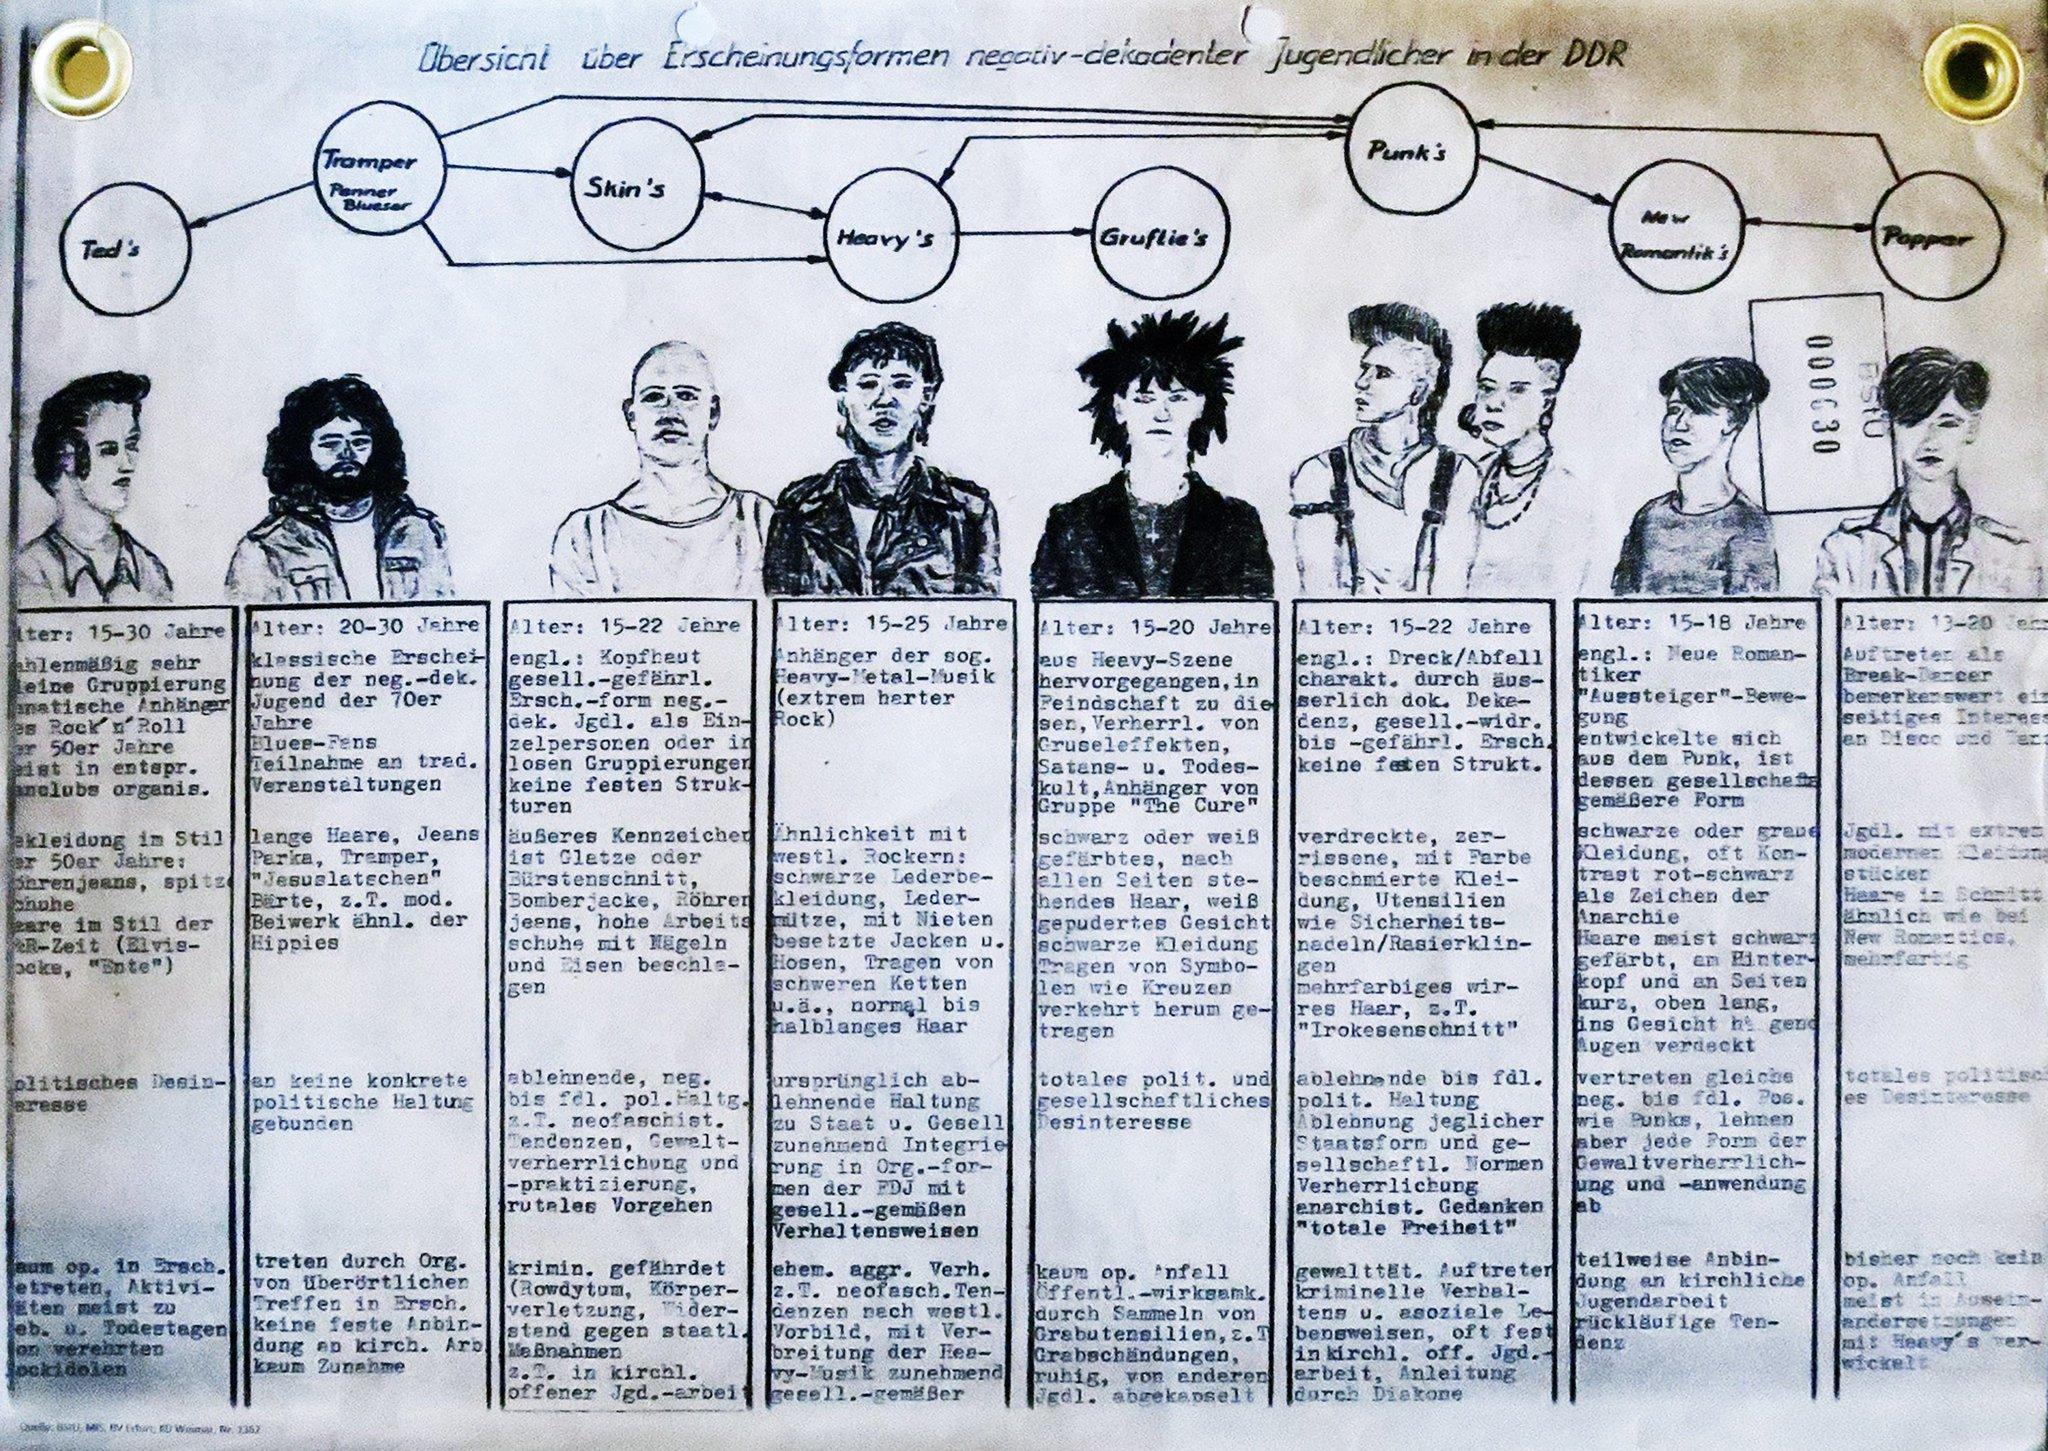 classificazione sottoculture giovanili ted